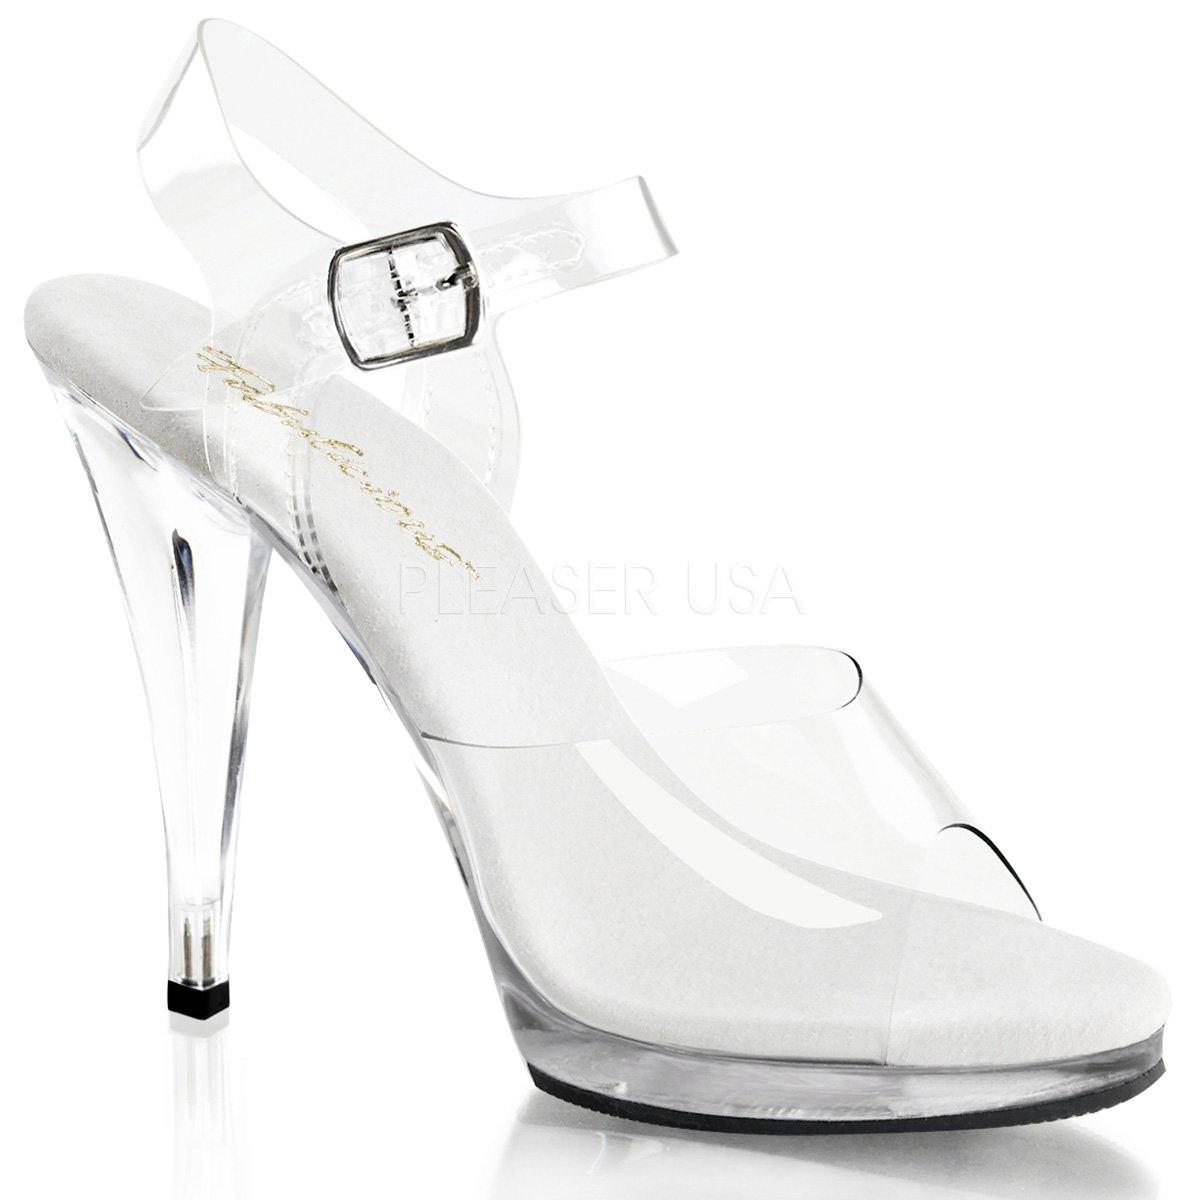 FLAIR-408 Jednoduché průhledné dámské sandálky na podpatku  8f2f9e4611